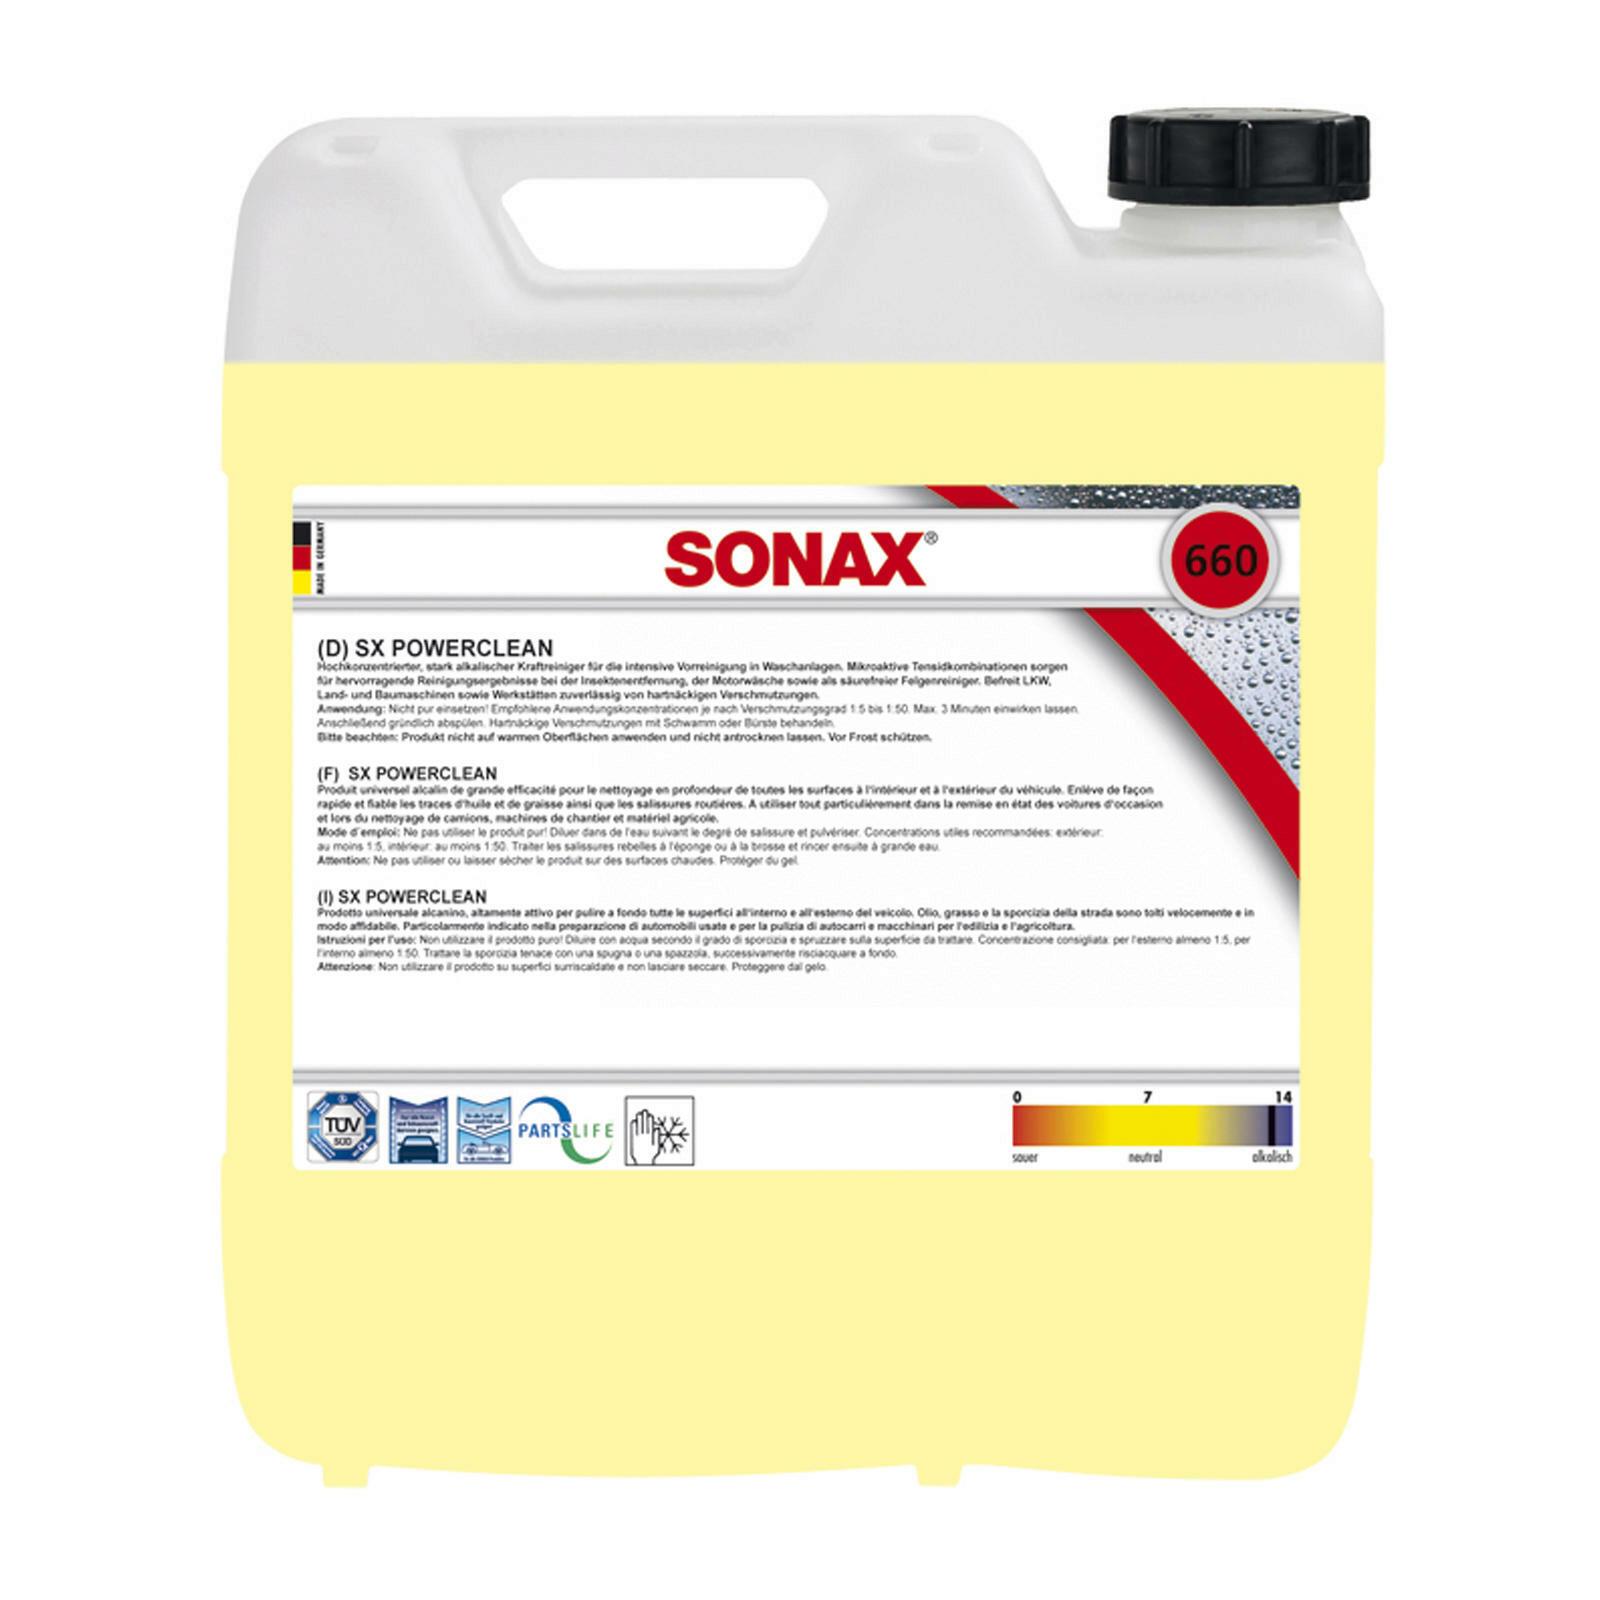 SONAX SX PowerClean 10L